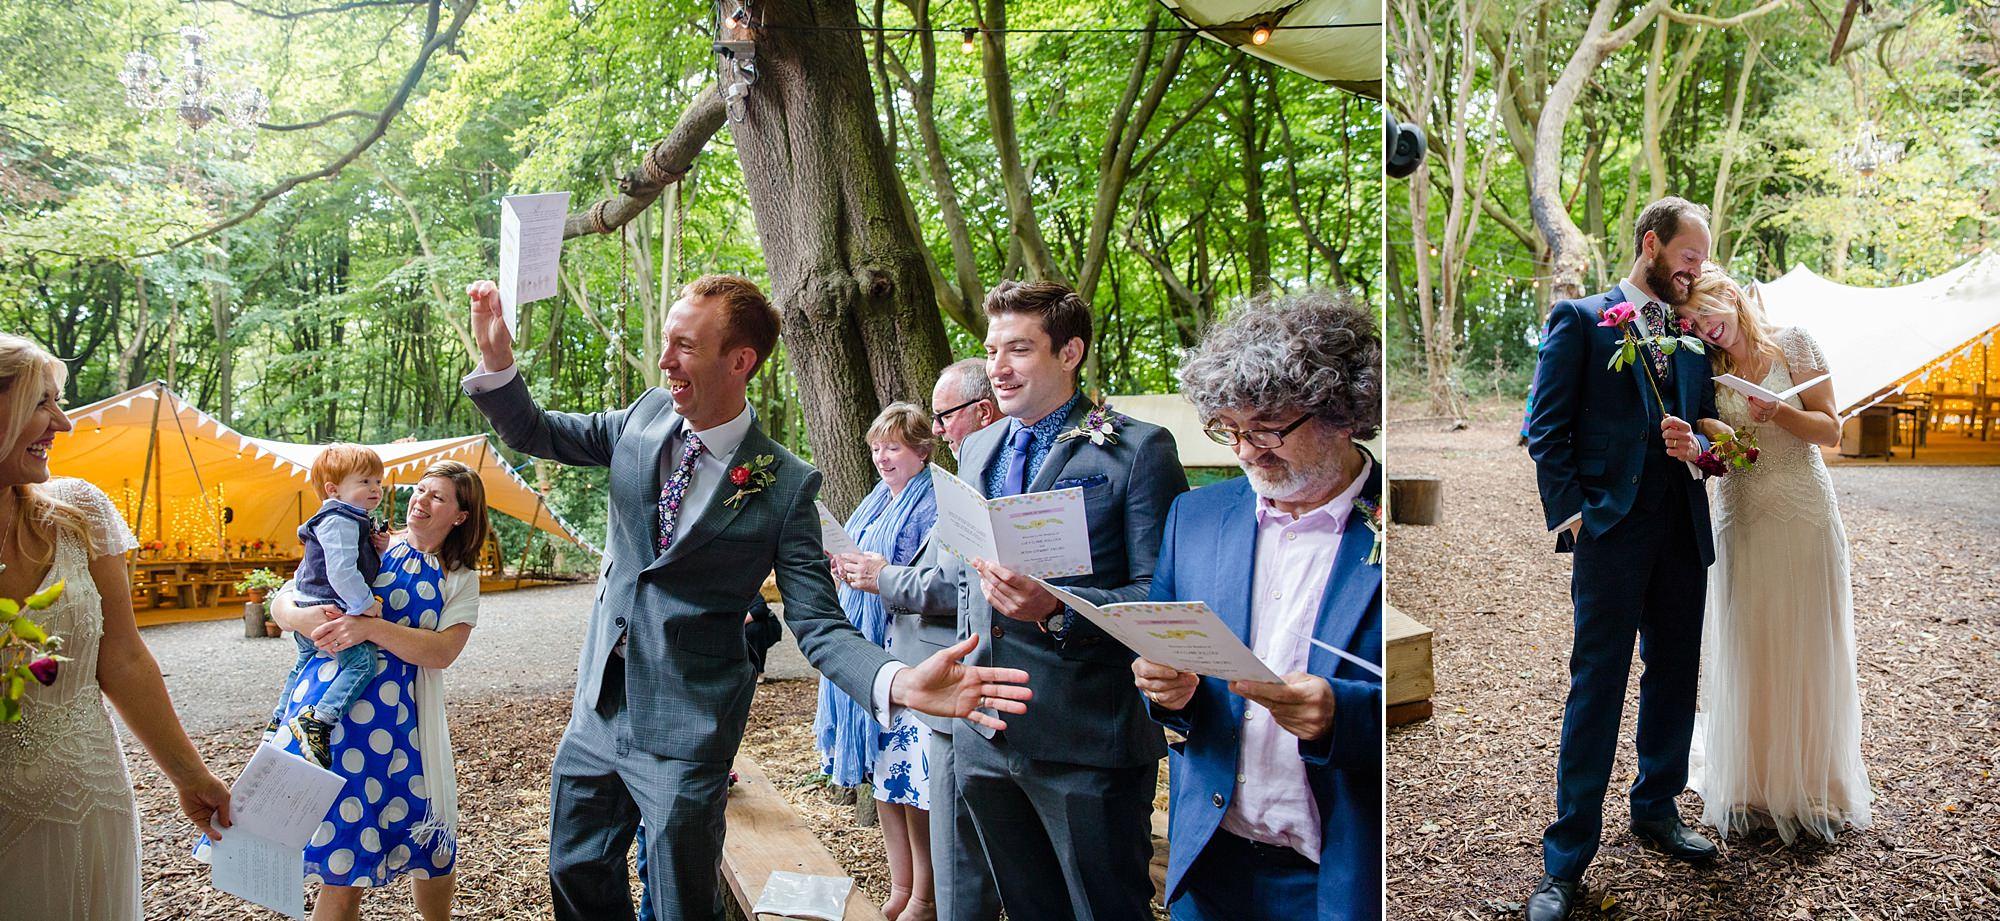 Woodland Weddings Tring guests sing songs